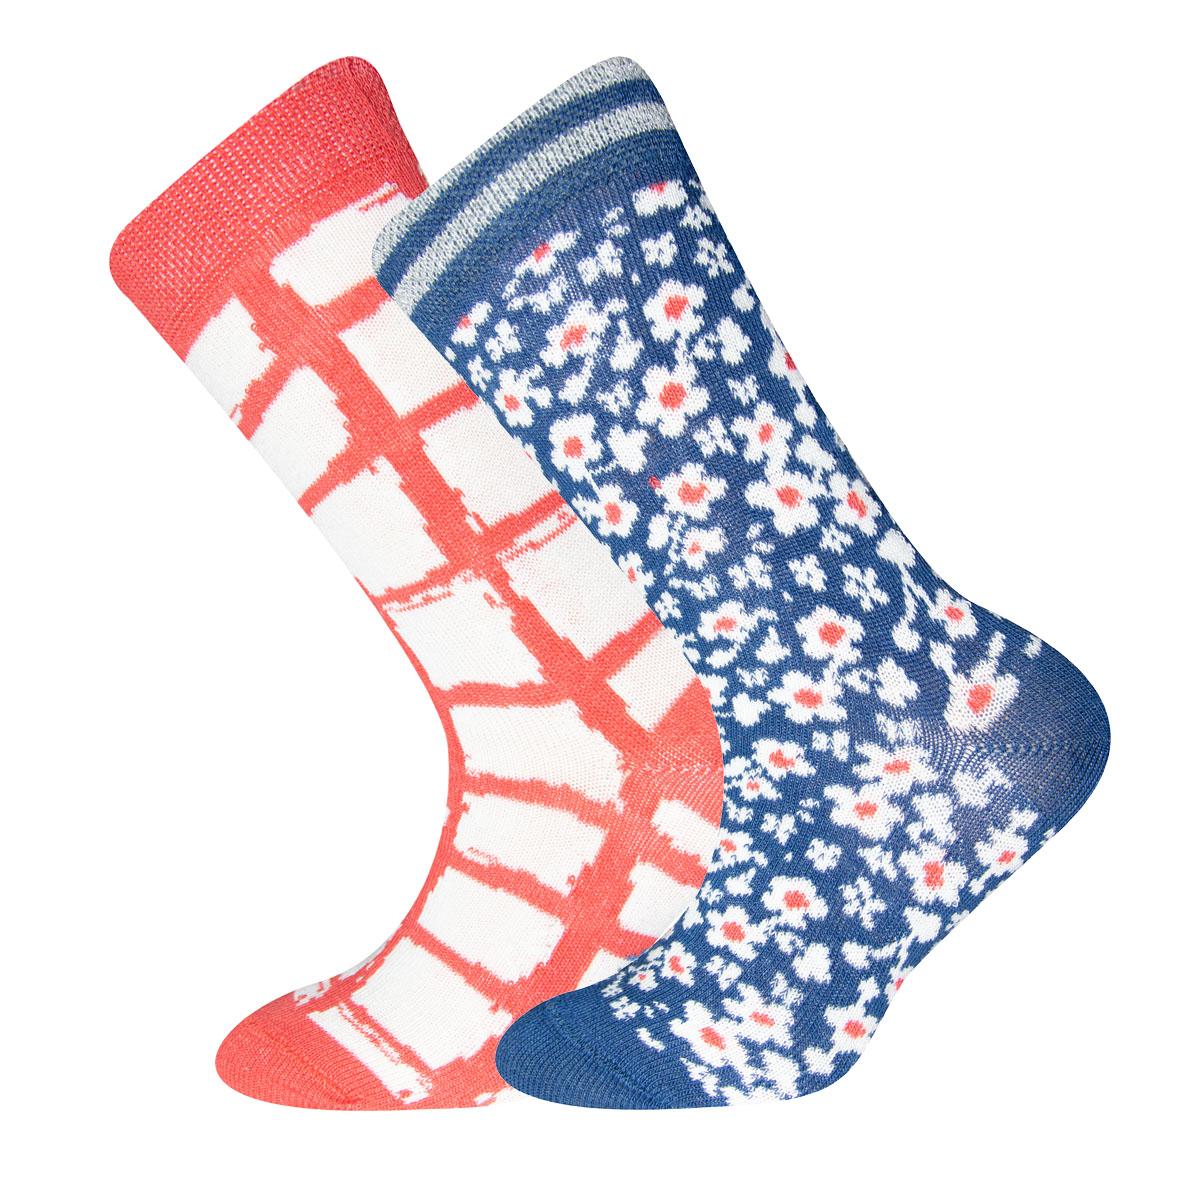 Socken 2er Pack Sanetta Blümchen, Karo , Größe: 31-34